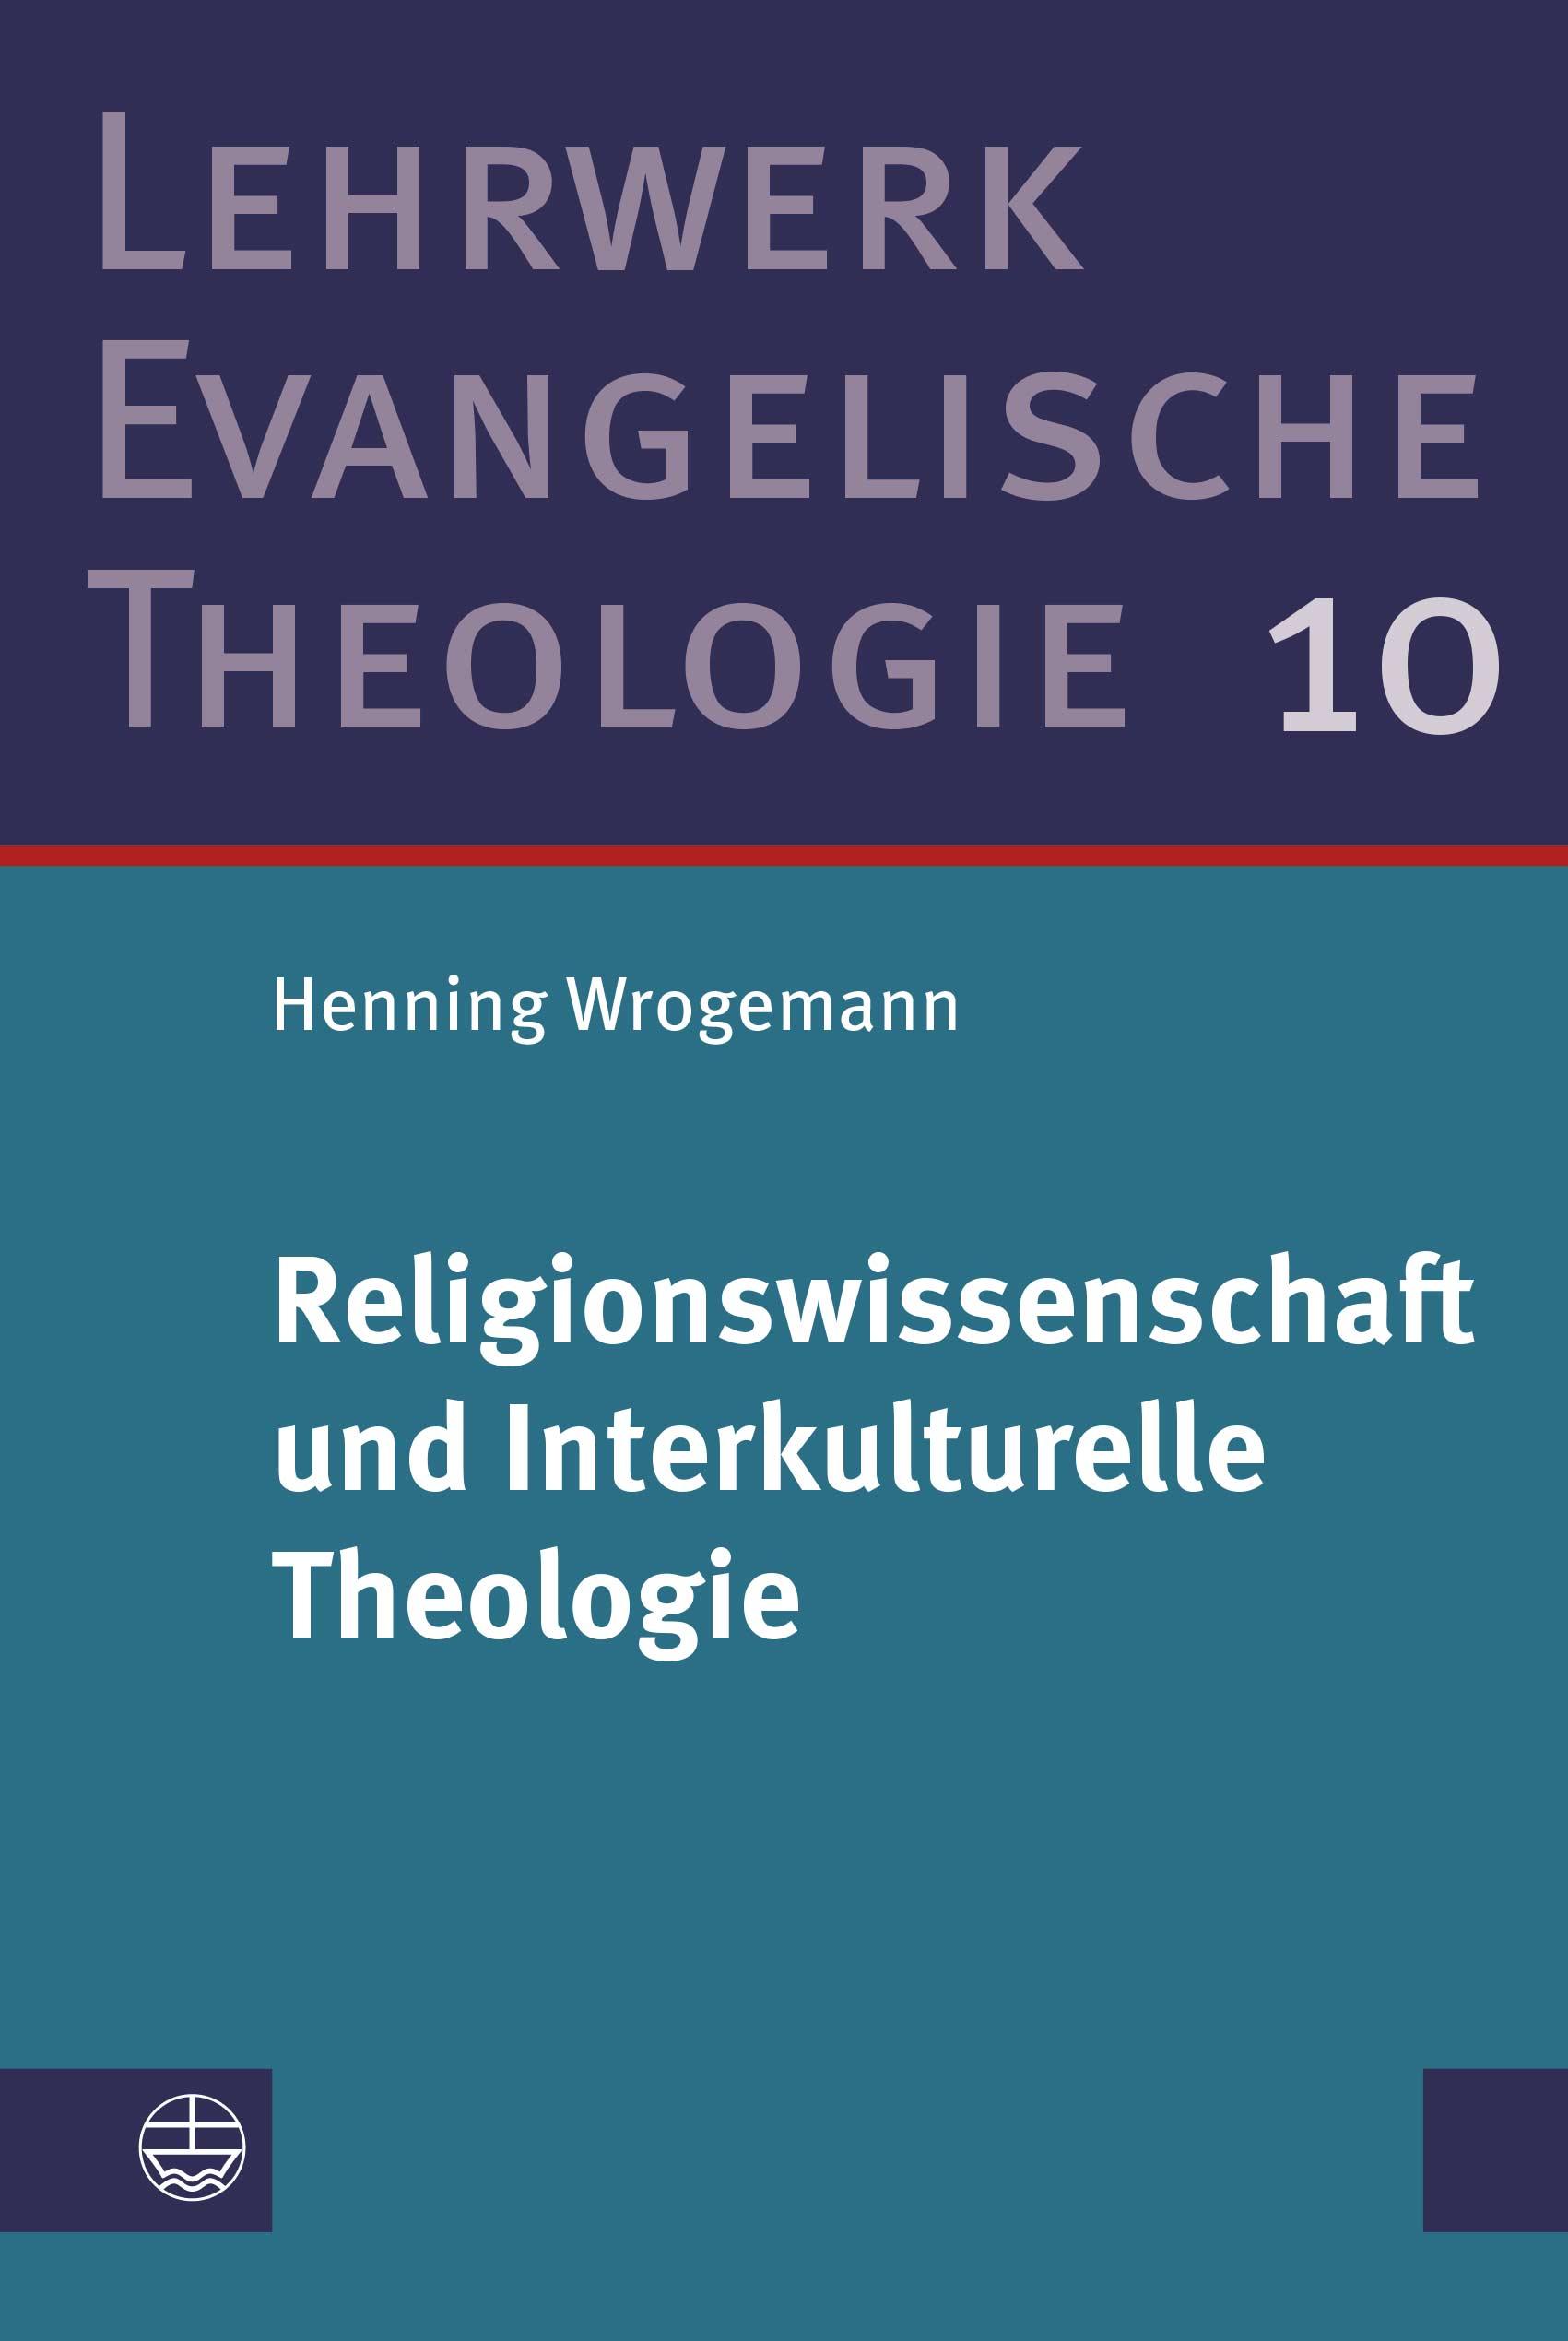 Religionswissenschaft und Interkulturelle Theologie